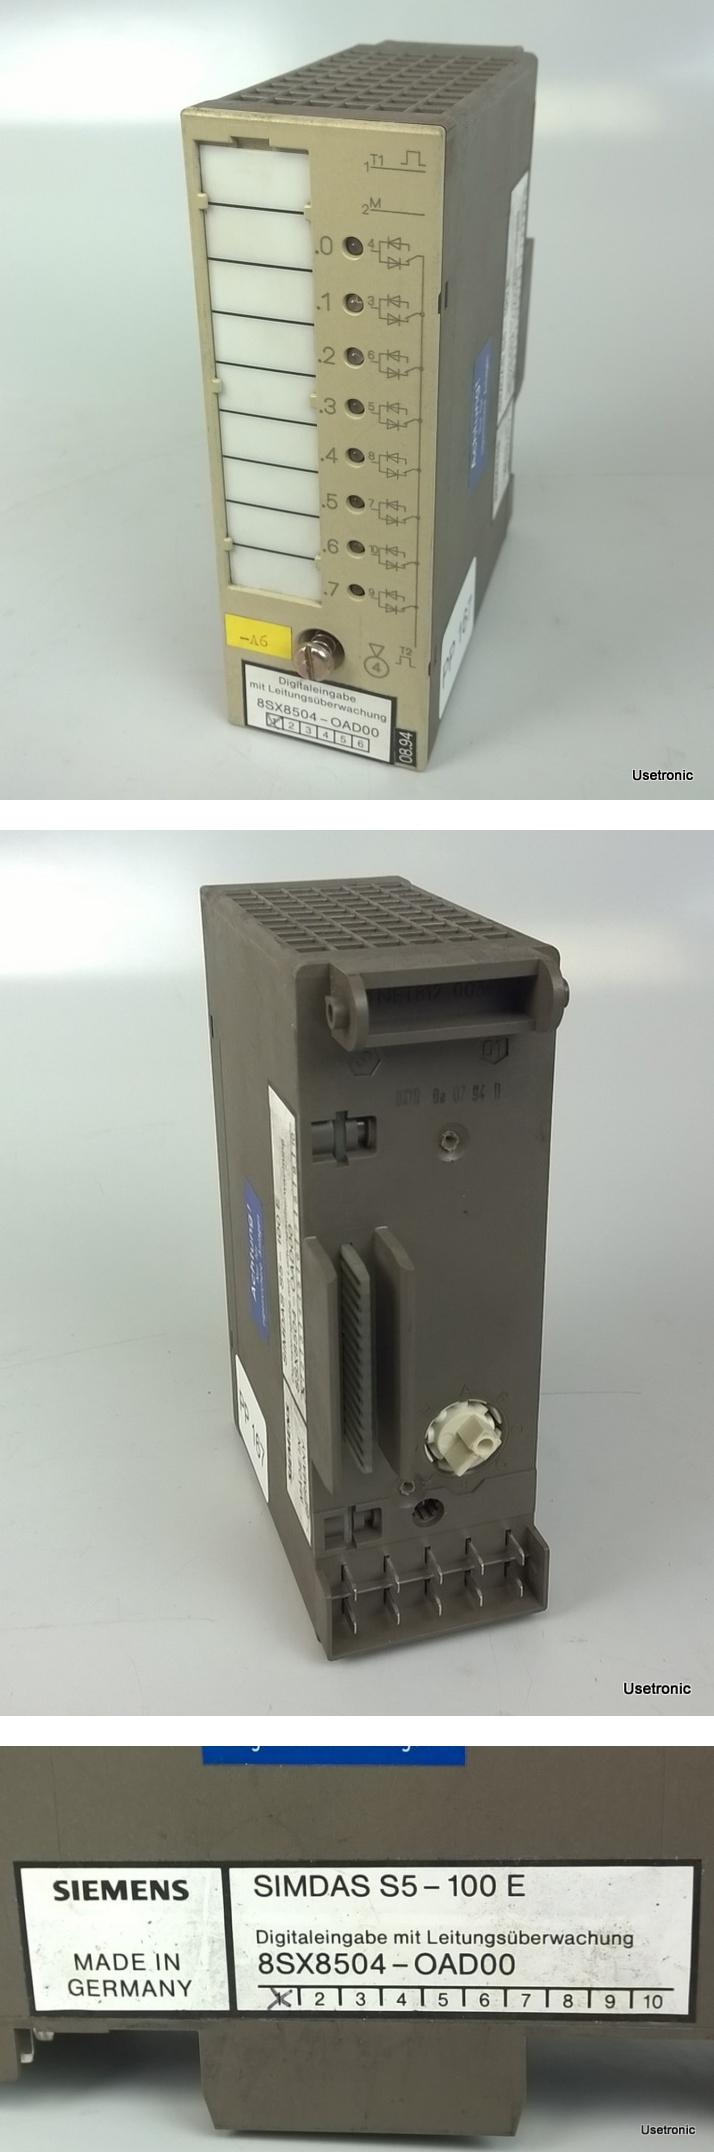 Siemens 8SX8504-OAD00